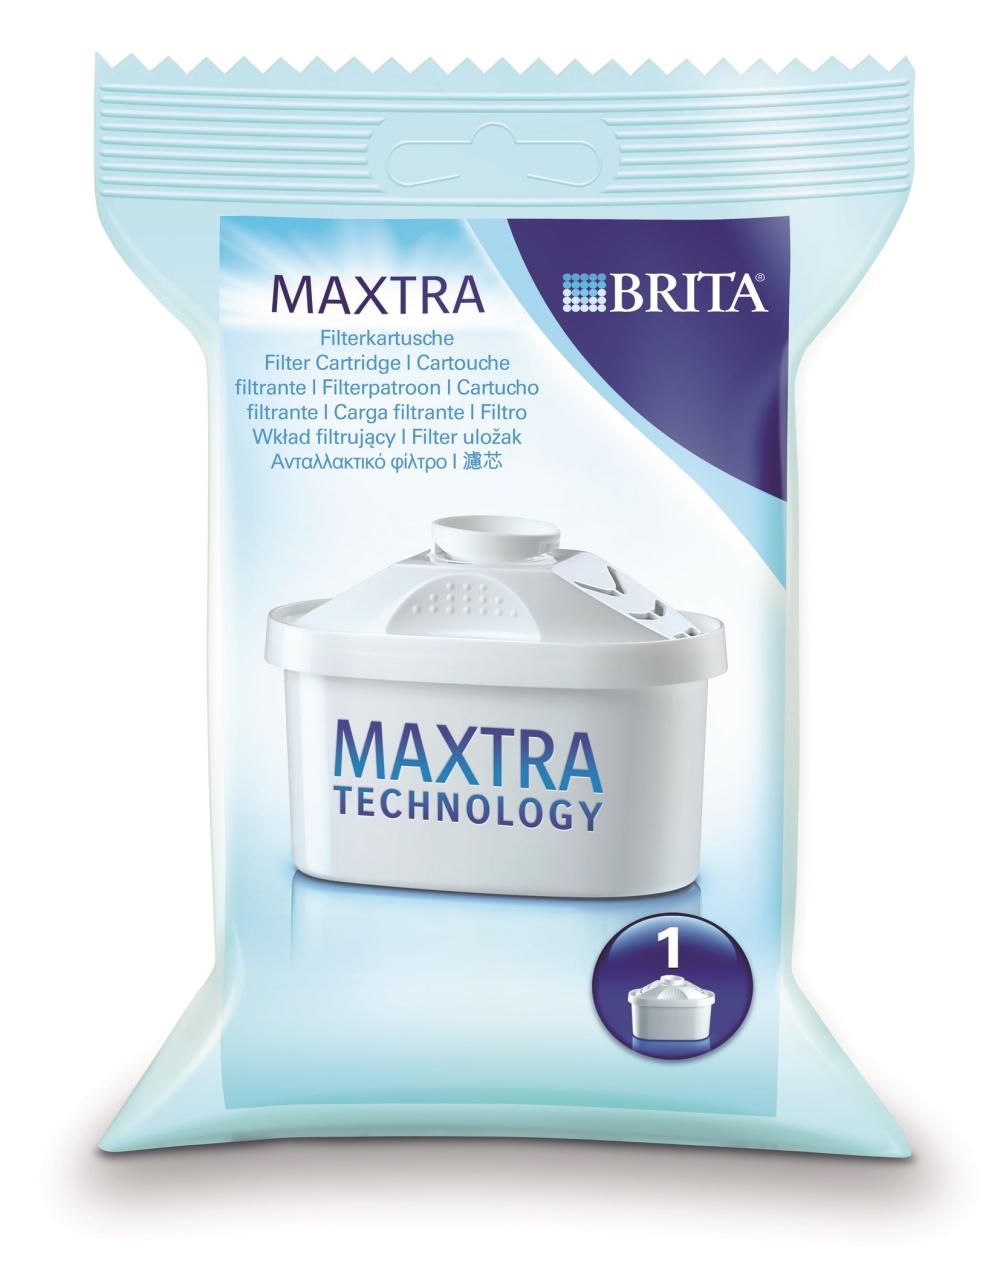 brita optimax 8 5 liter xxl wasserfilter mit 1 maxtra kartusche extra zaini 39 s ebay. Black Bedroom Furniture Sets. Home Design Ideas